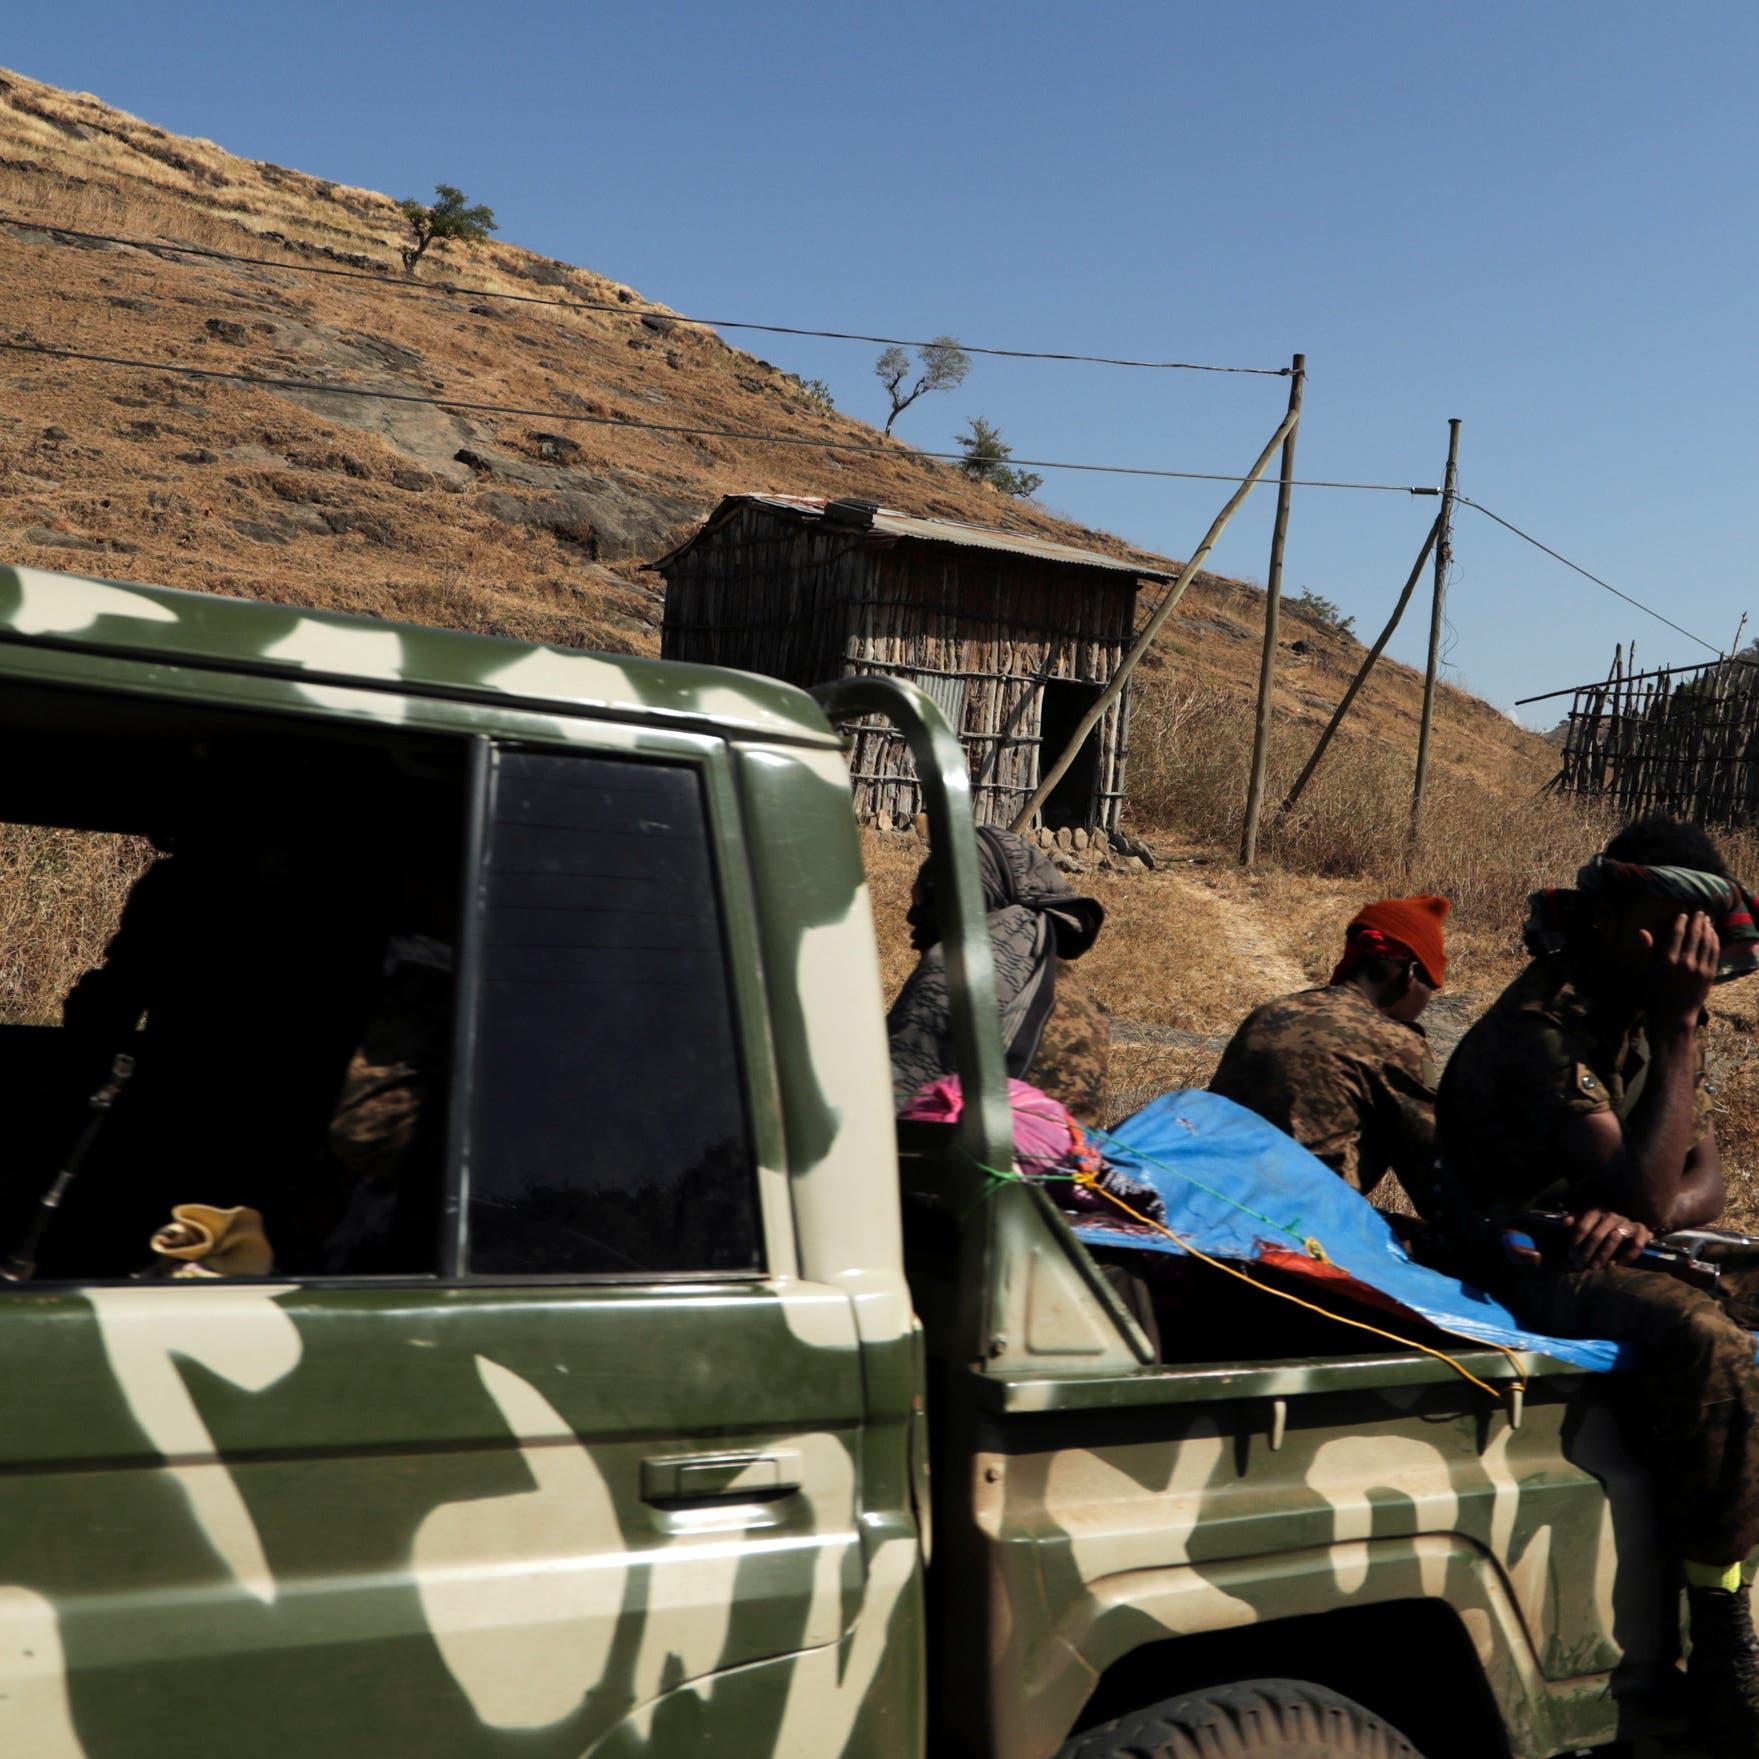 رئيس جبهة تيغراي: لدينا صواريخ بعيدة المدى وسنستخدمها عند الضرورة